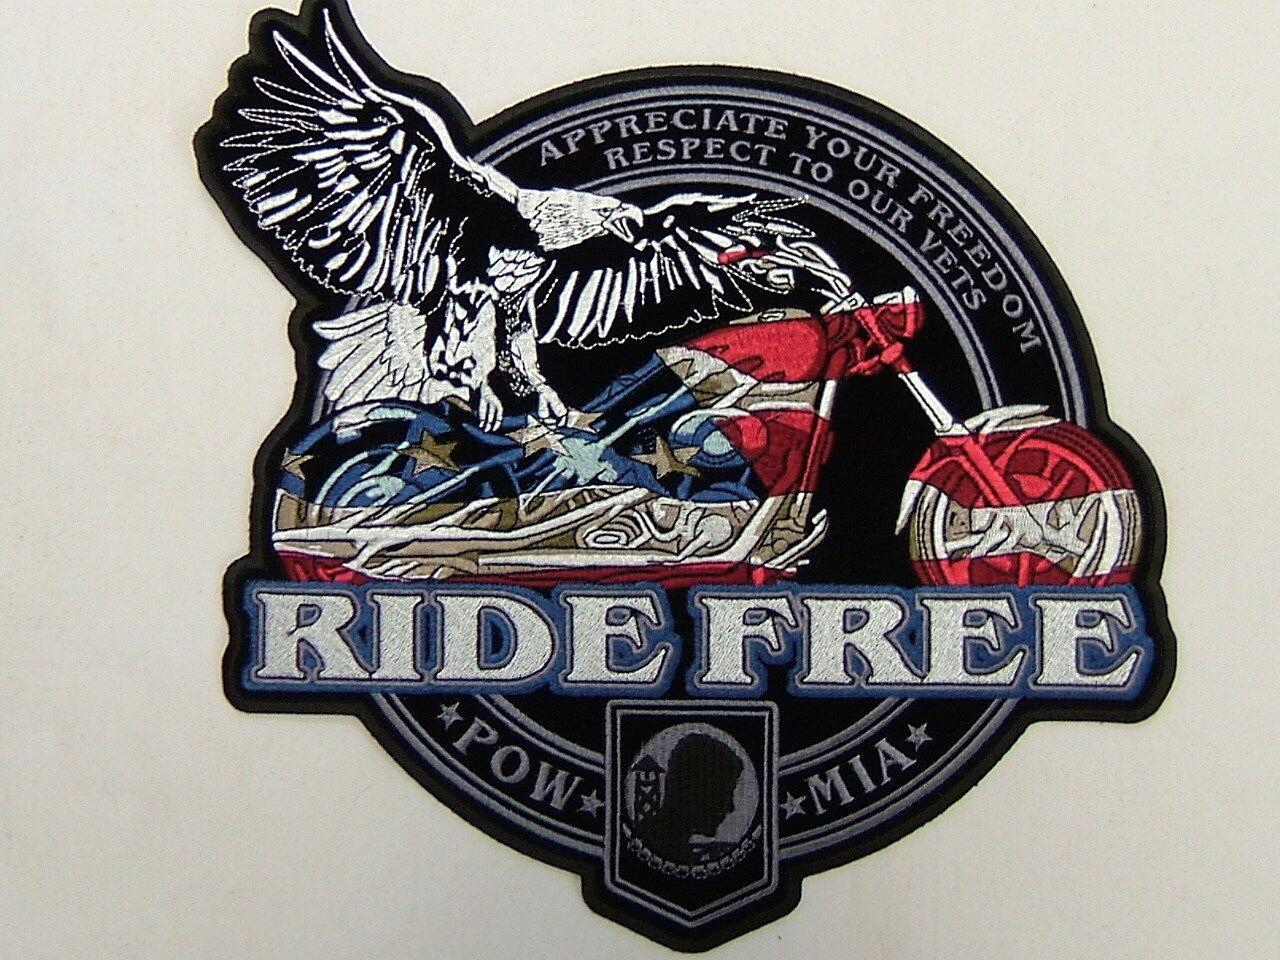 Real Biker Wear